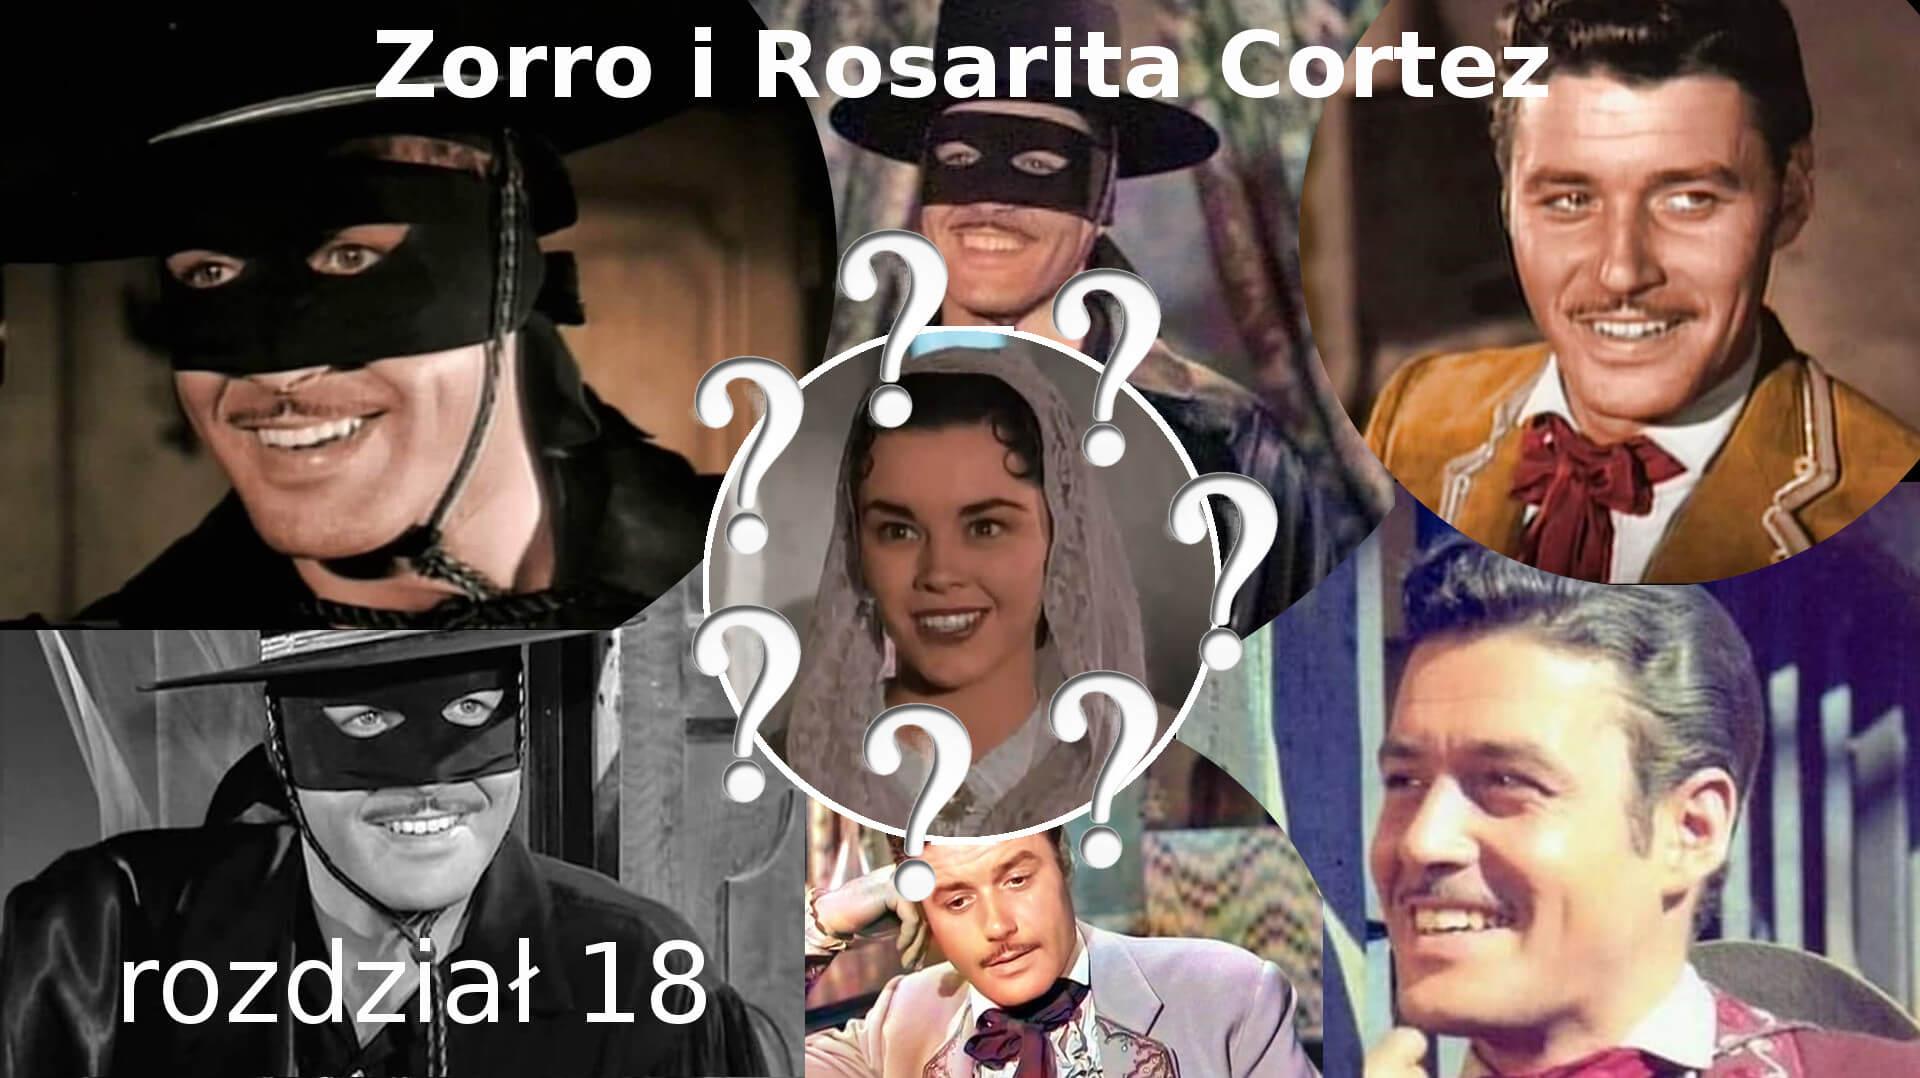 Zorro i Rosarita Cortez rozdział 18 Zorro fanfiction